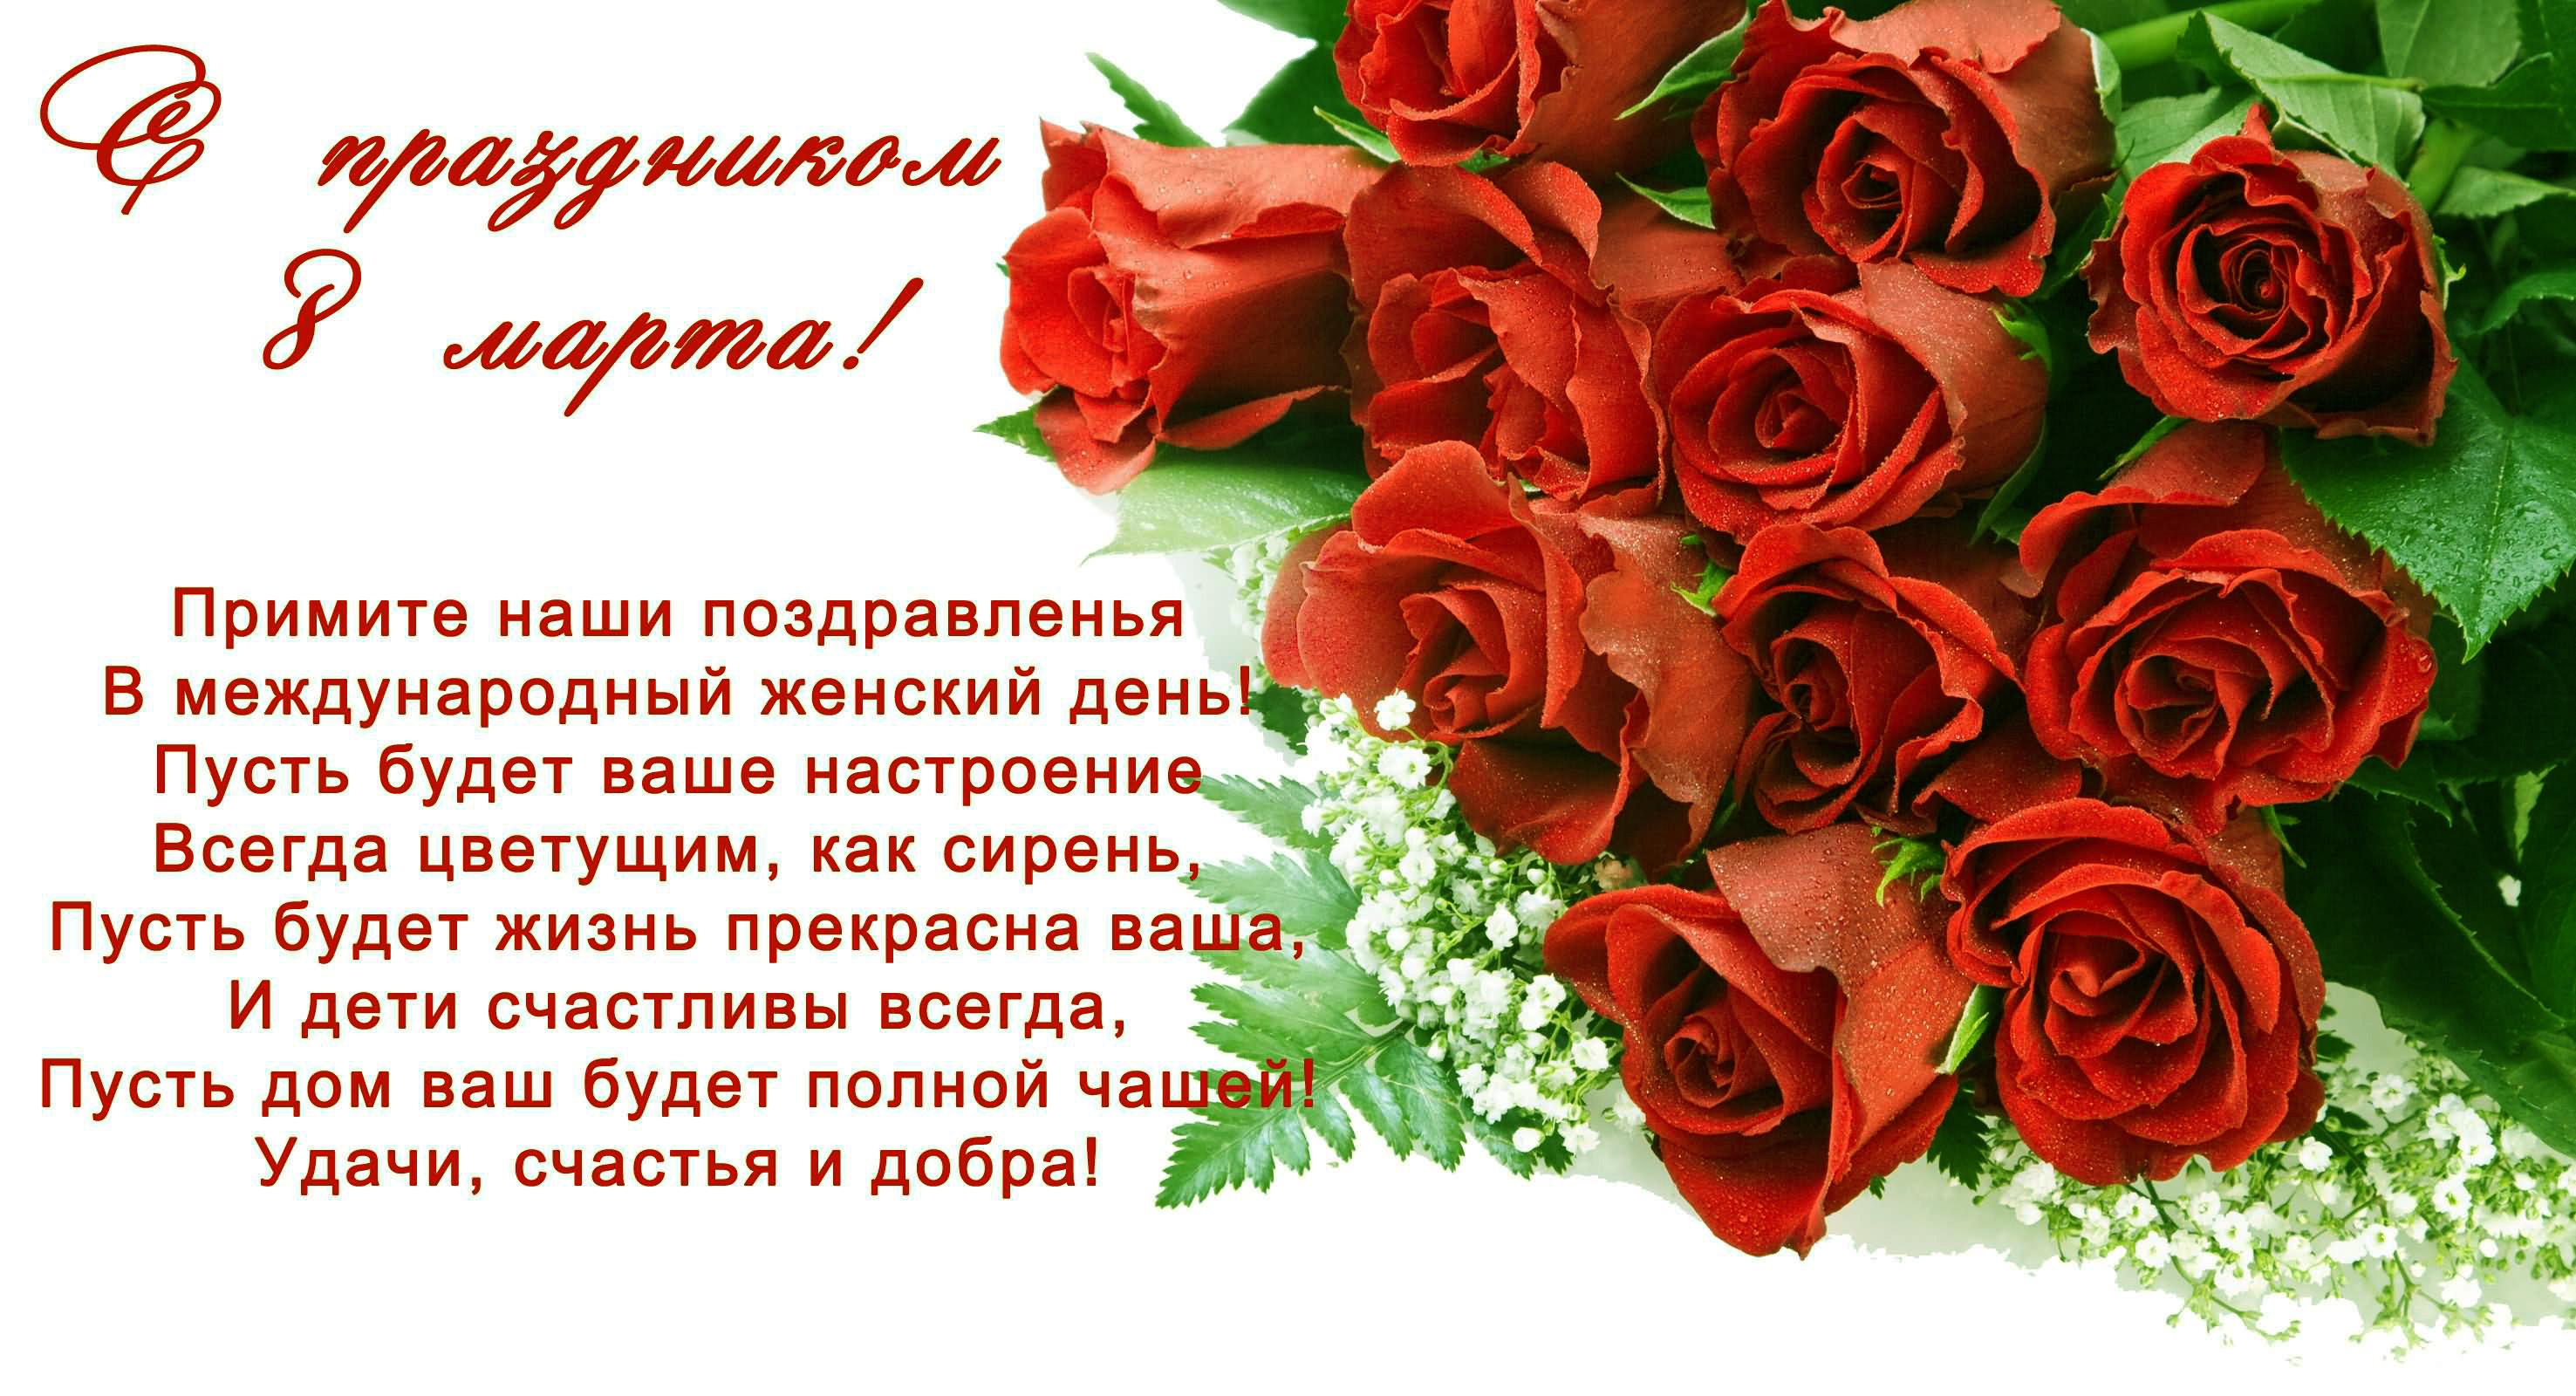 HDoboi.Kiev.ua - Картинки на телефон 8 марта